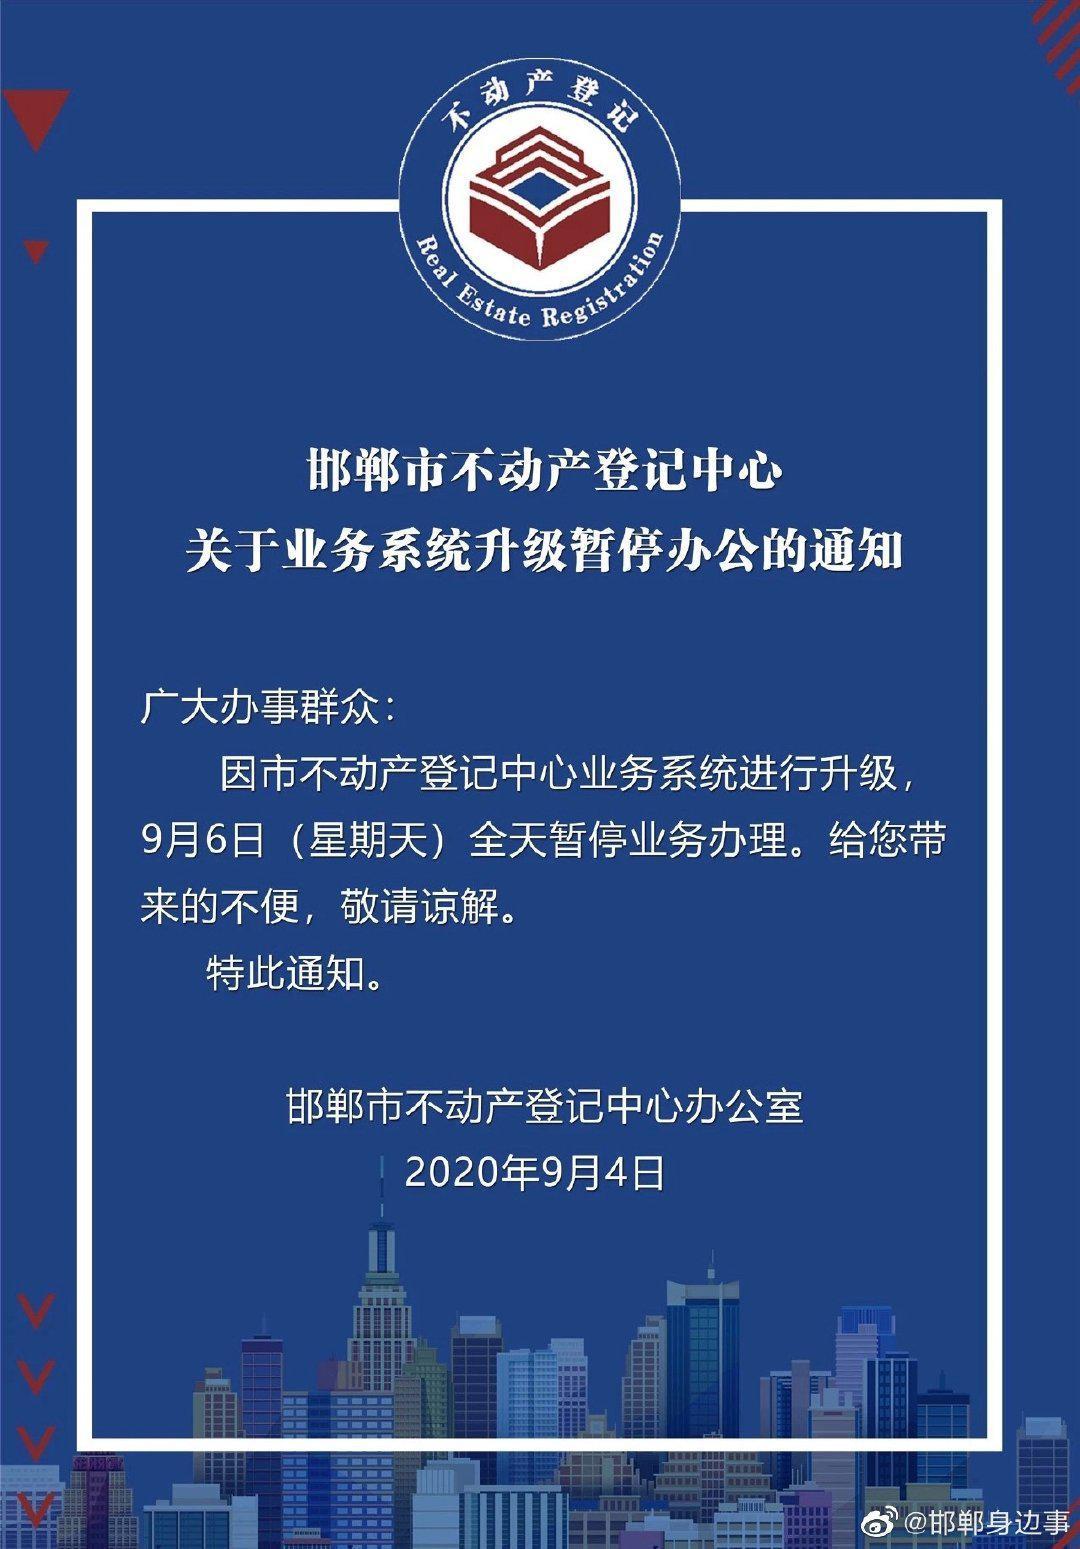 邯郸市房地产登记中心暂